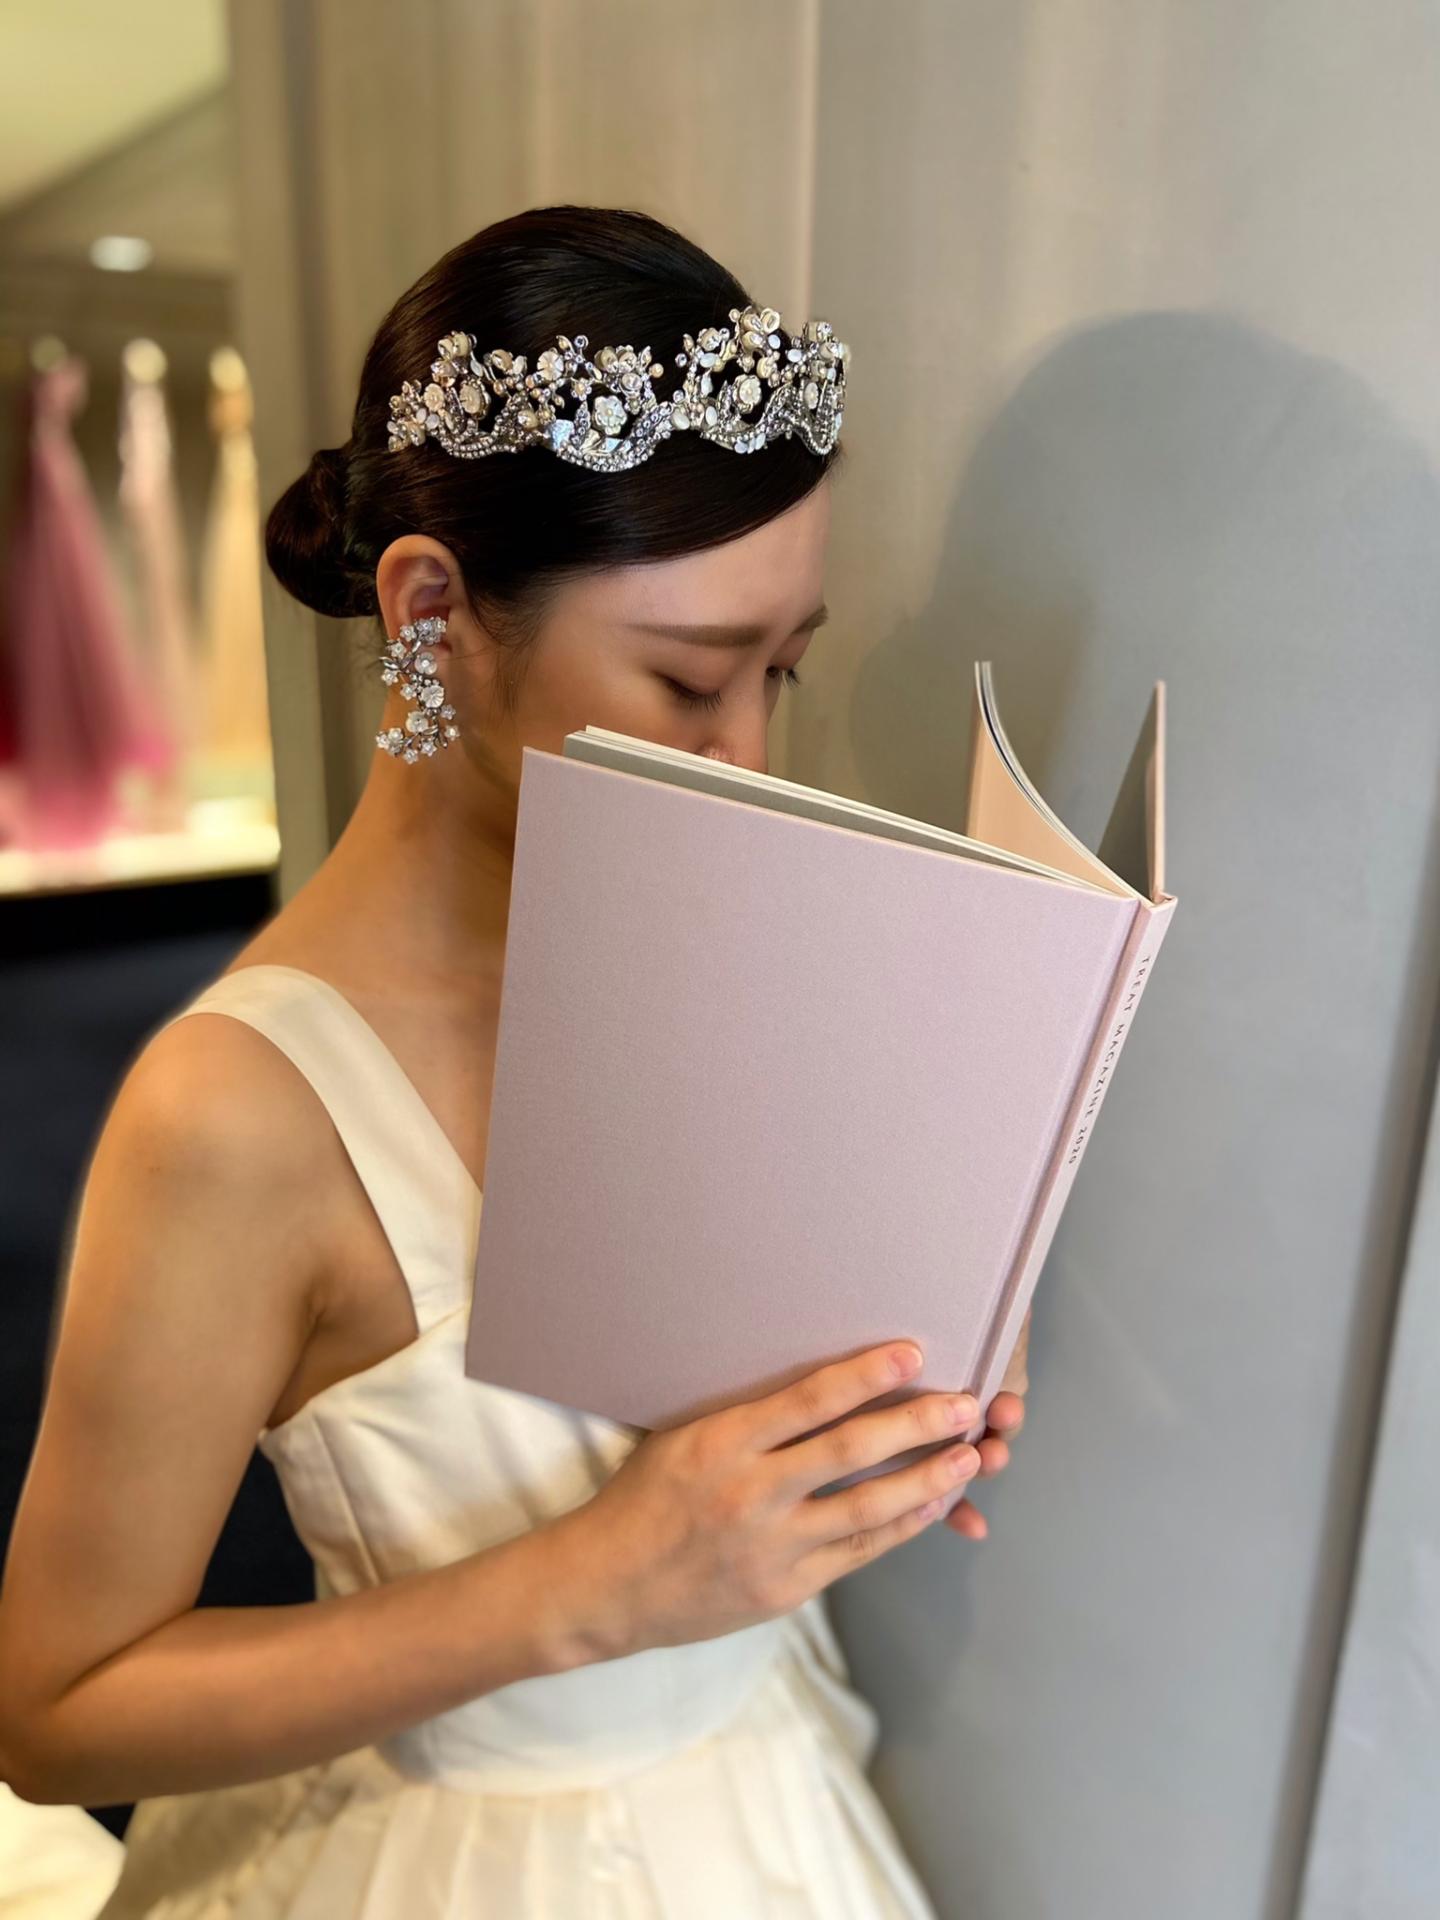 マリア・エレナの大ぶりティアラと花柄のイヤリングを組み合わせた唯一無二の素敵なコーディネート